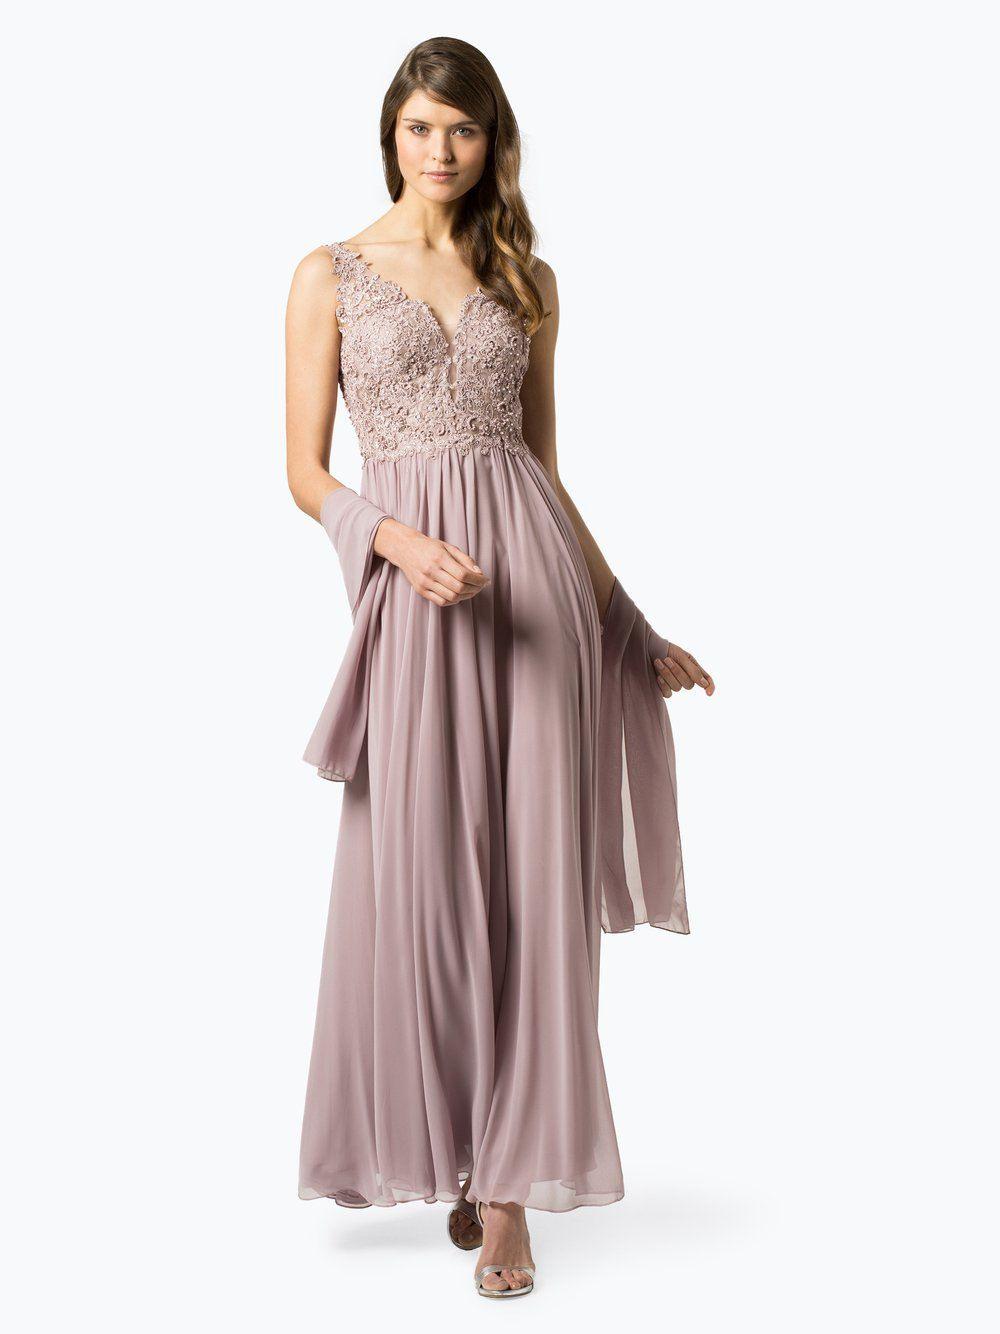 Designer Cool Abendkleid Online Kaufen SpezialgebietDesigner Top Abendkleid Online Kaufen Galerie